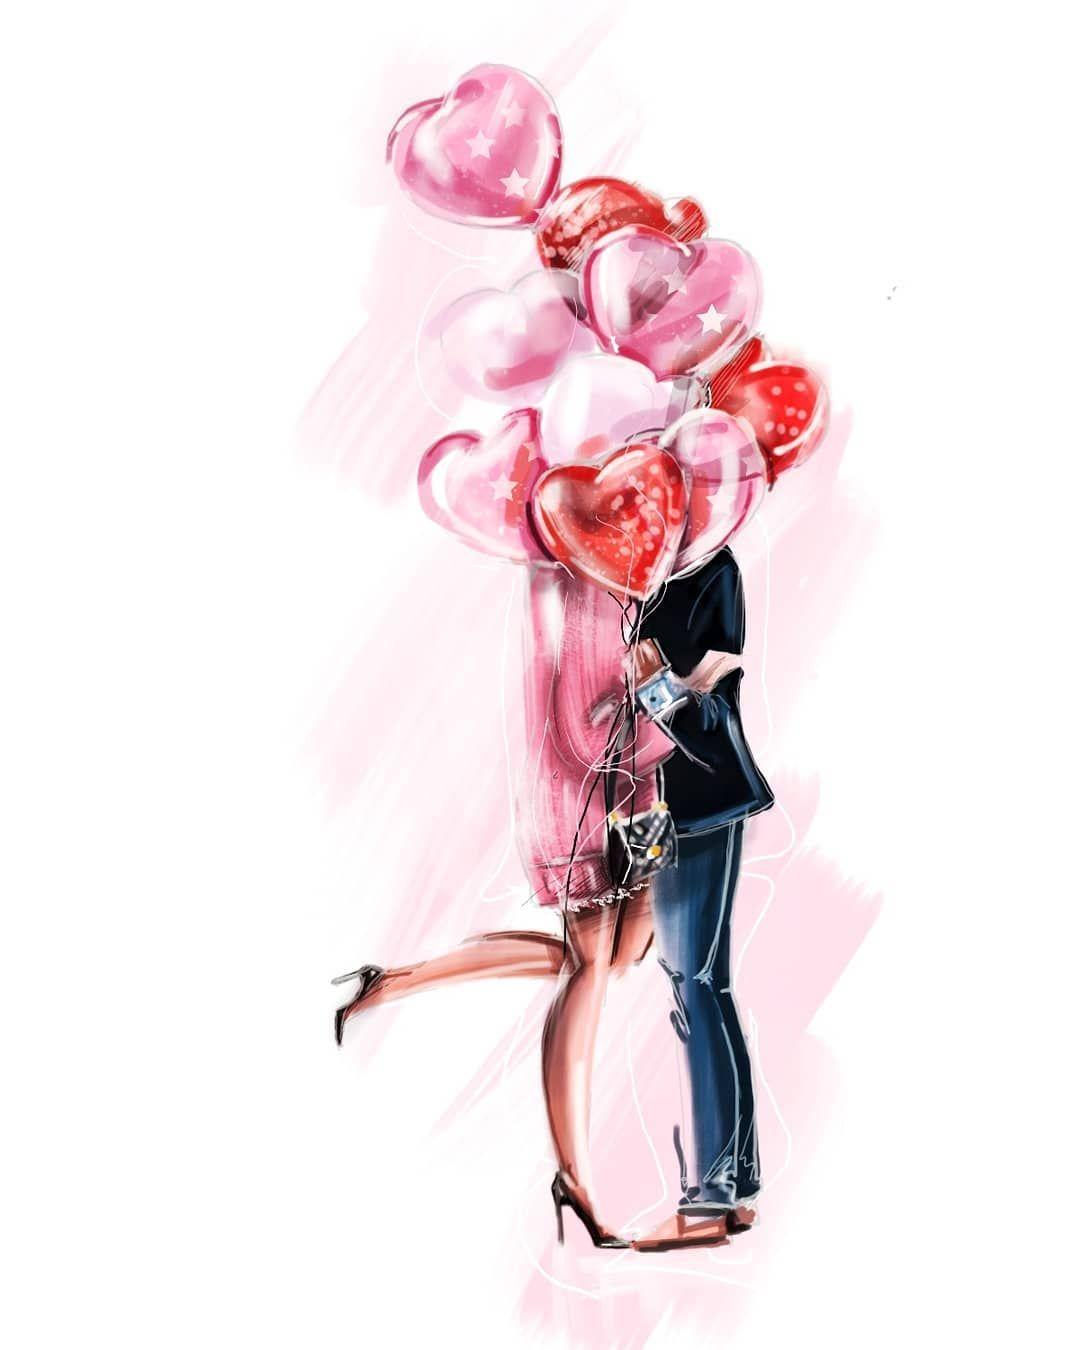 #happyvalentinesday 💞 Всем медведей,конфет и шариков🤗🎈 #fashionillustration #fashion #fashionart #fashionsketch #fashionweek #illustration…